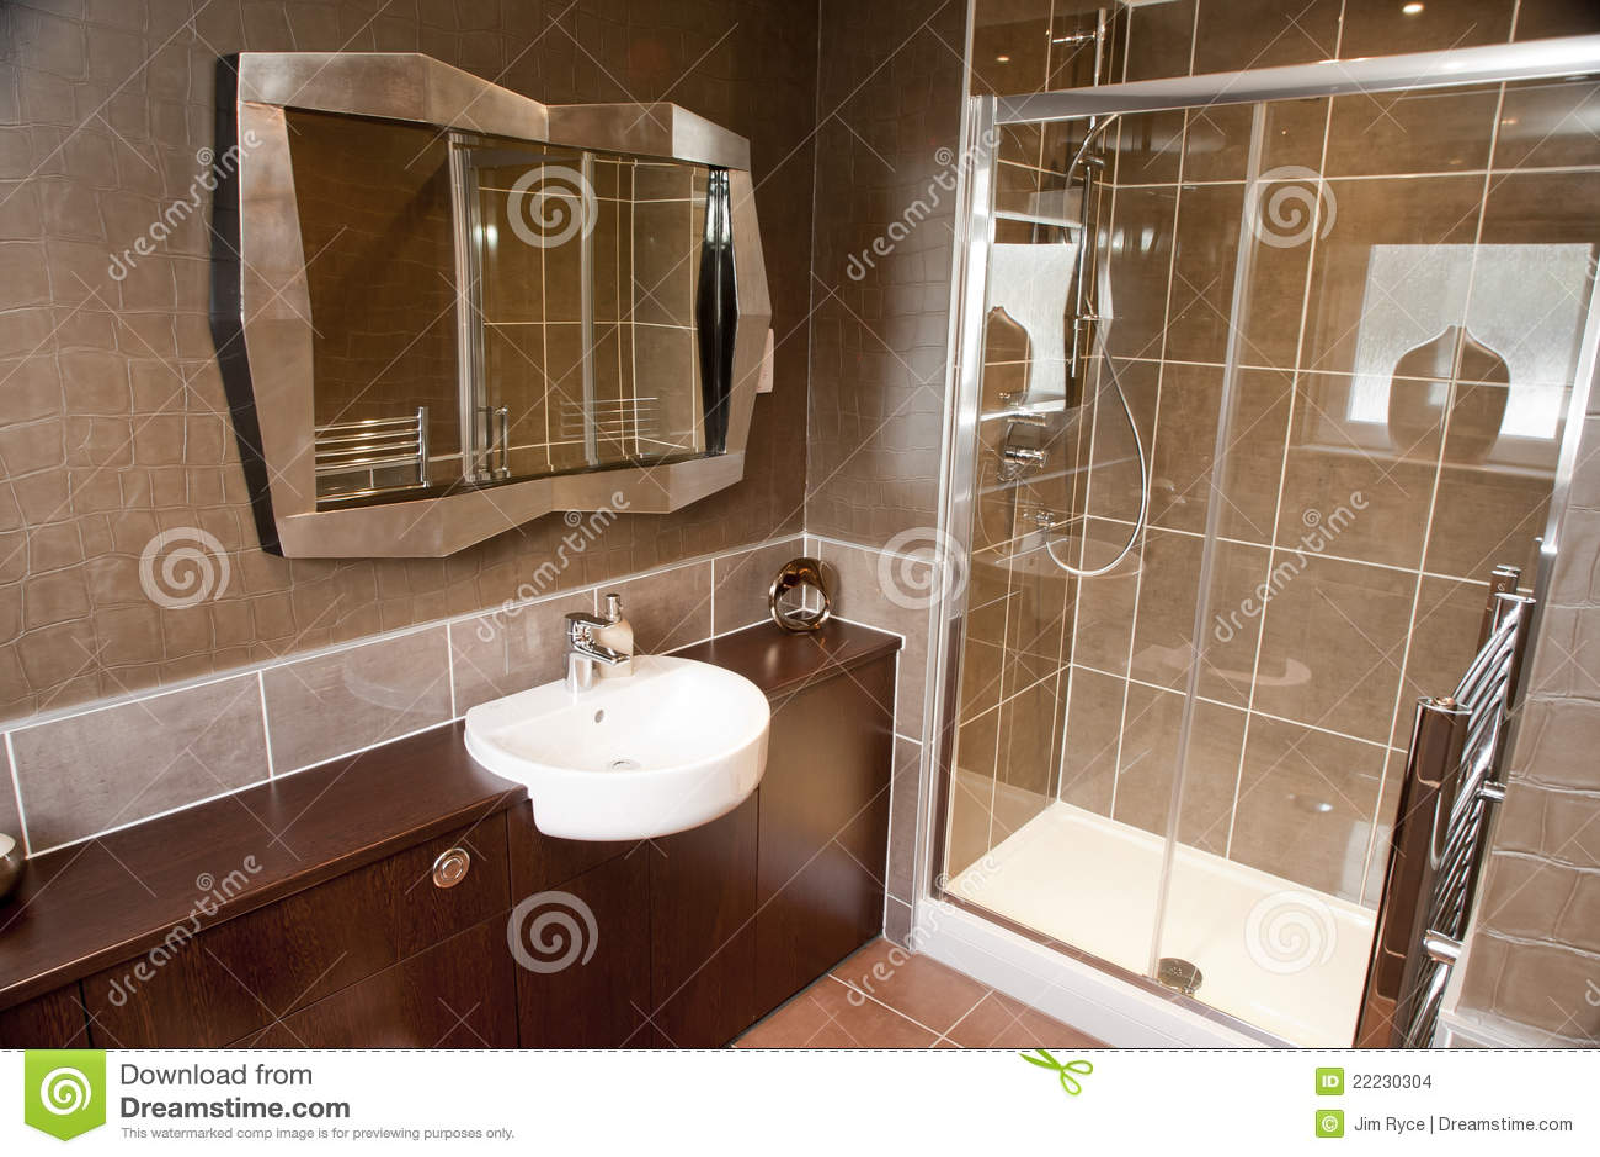 Projeto Interior Do Banheiro Imagens de Stock Imagem: 22230304 #86AB20 1300 957